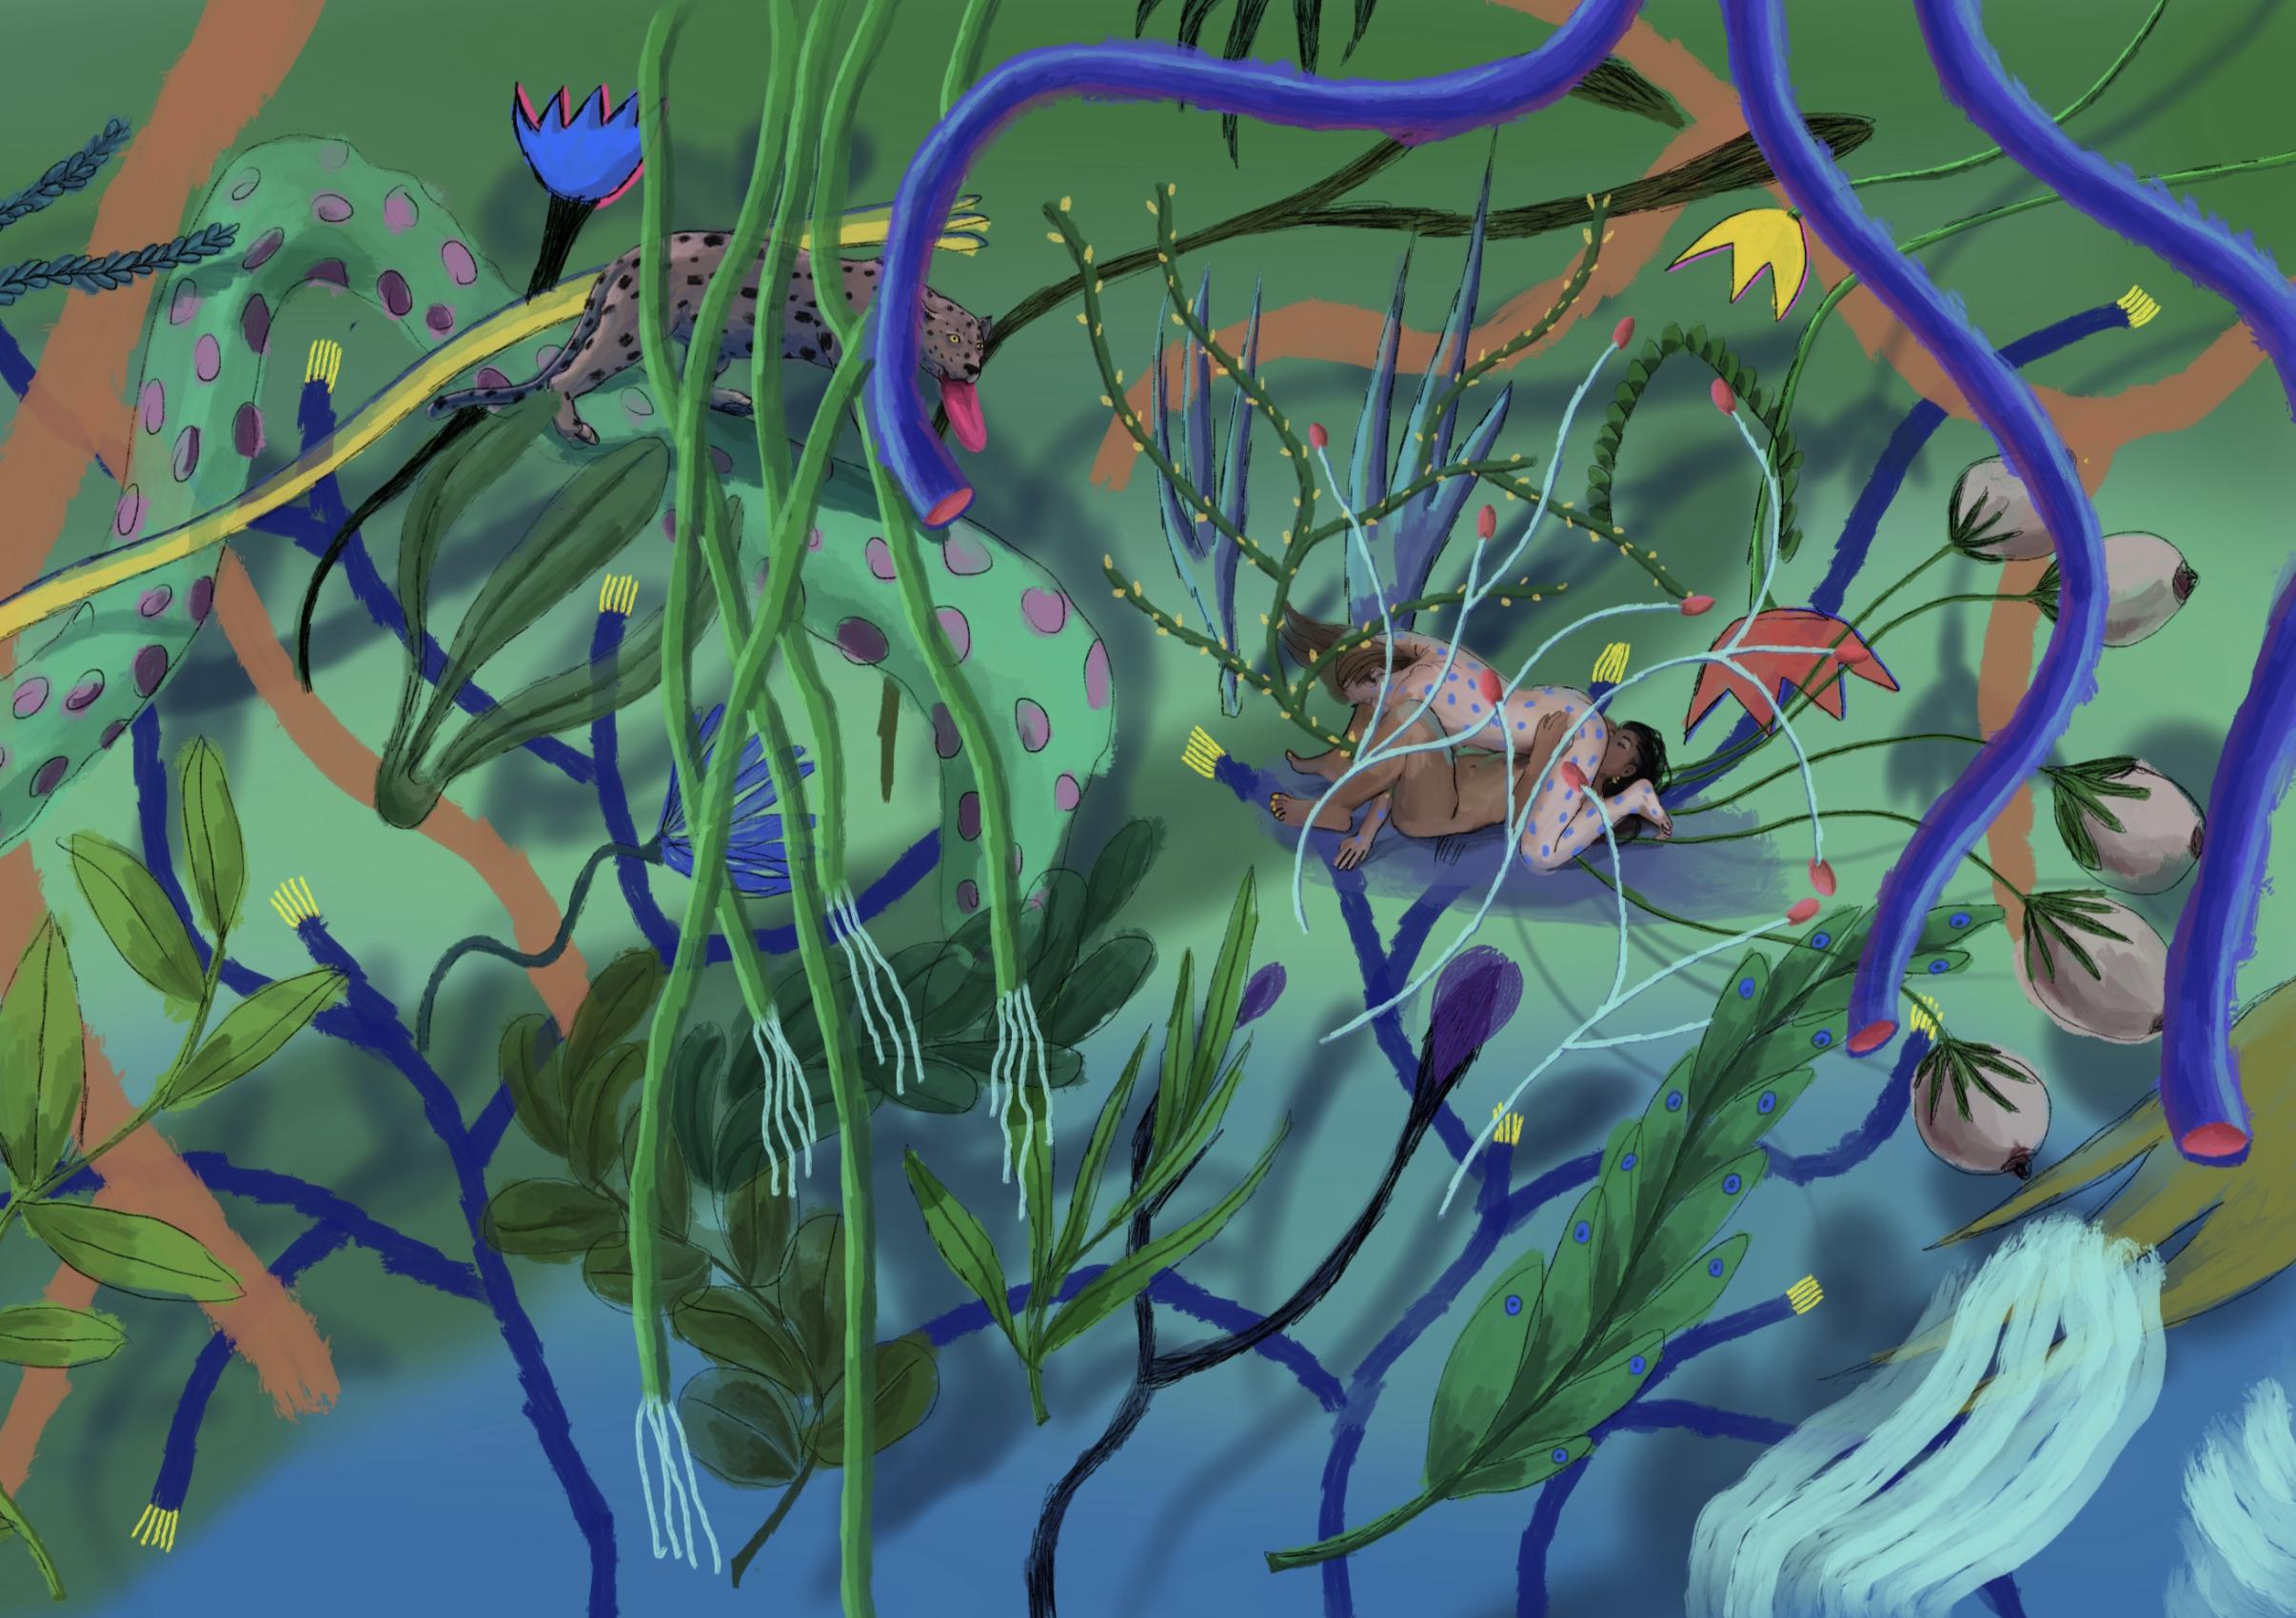 jardin d'éden 2, acrylic on canvas, 100x140cm